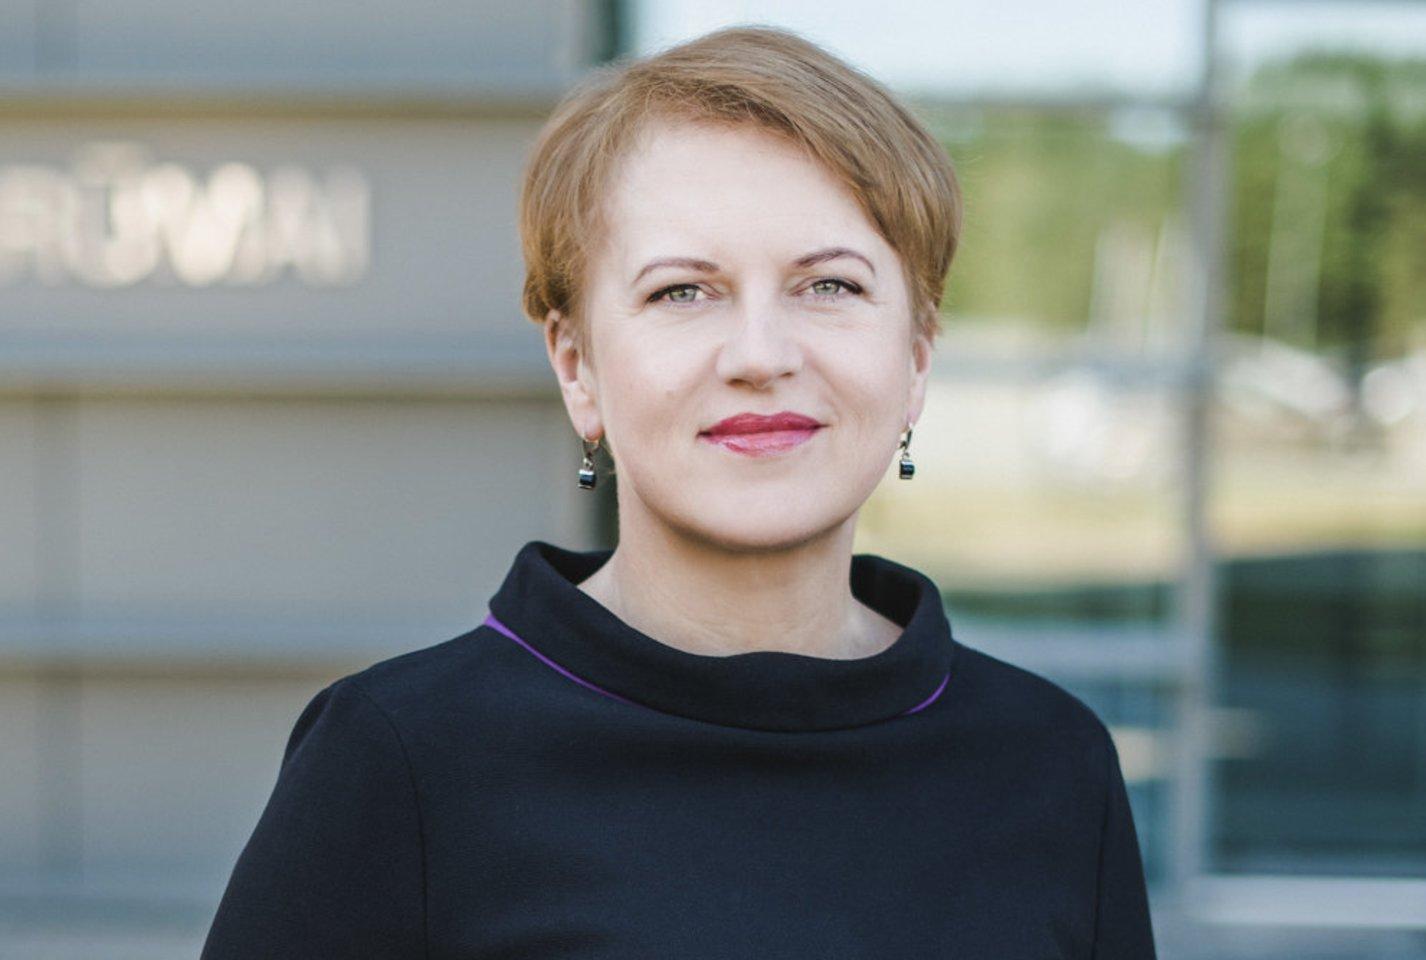 Vilniaus Gedimino technikos universiteto (VILNIUS TECH) Kūrybinių industrijų fakulteto dekanė doc. dr. Živilė Sederevičiūtė-Pačiauskienė.<br>Vilnius TECH nuotr.